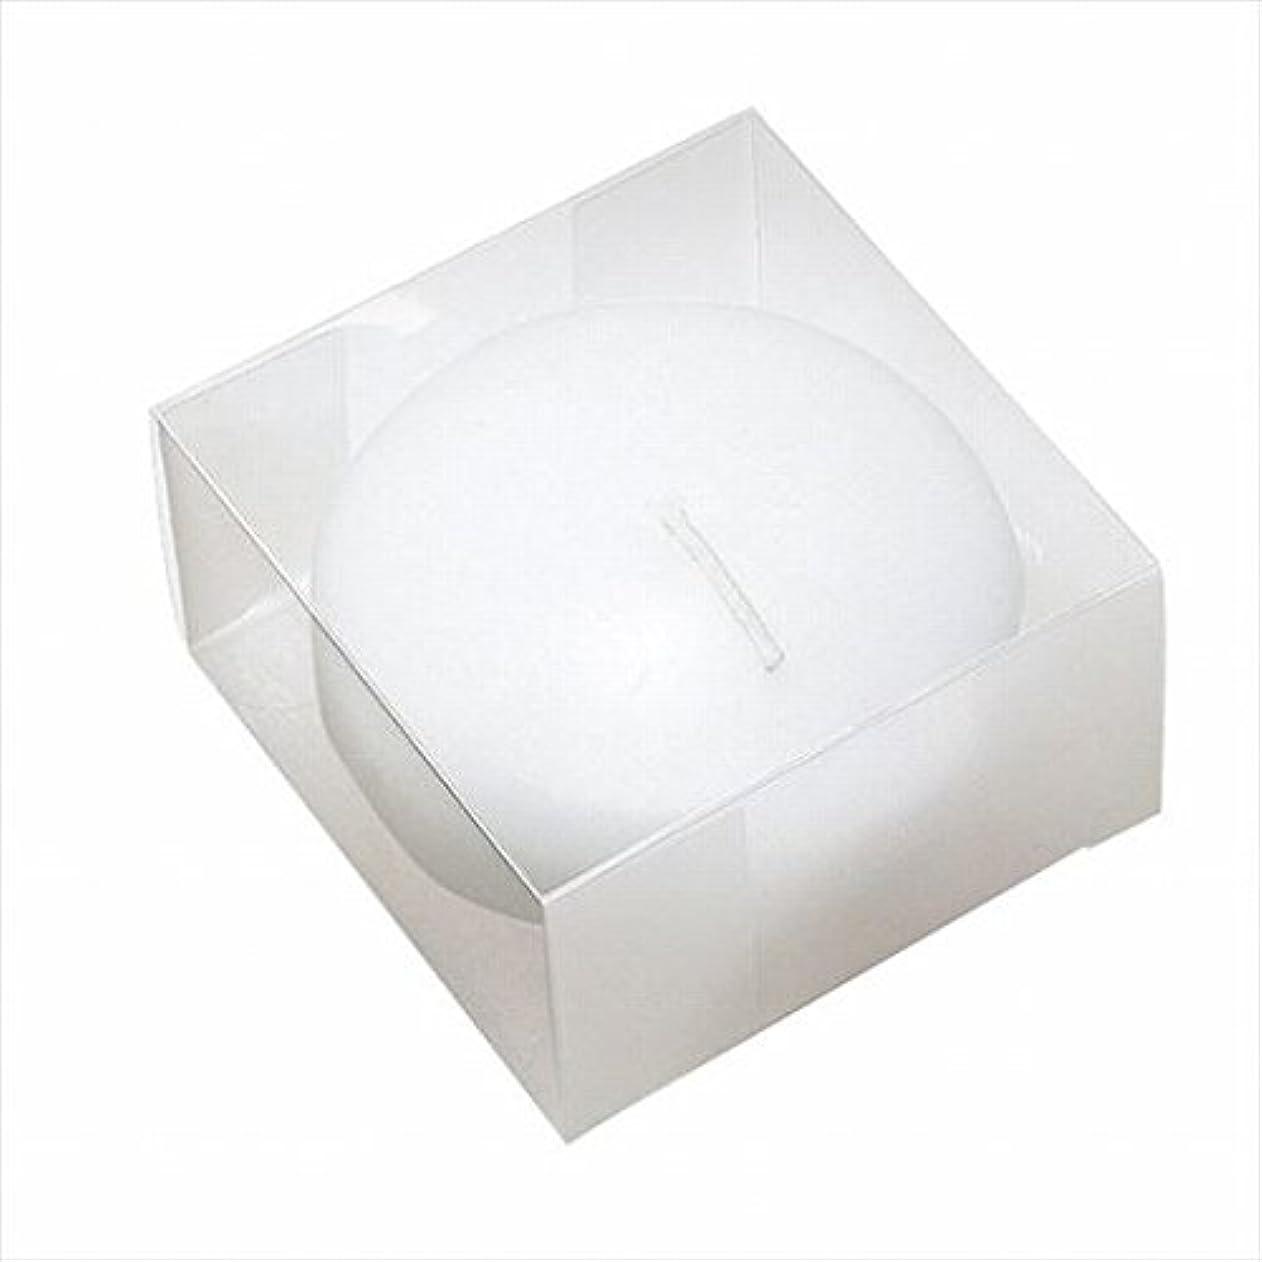 曲げる処分した翻訳カメヤマキャンドル(kameyama candle) プール80(箱入り) 「 ホワイト 」